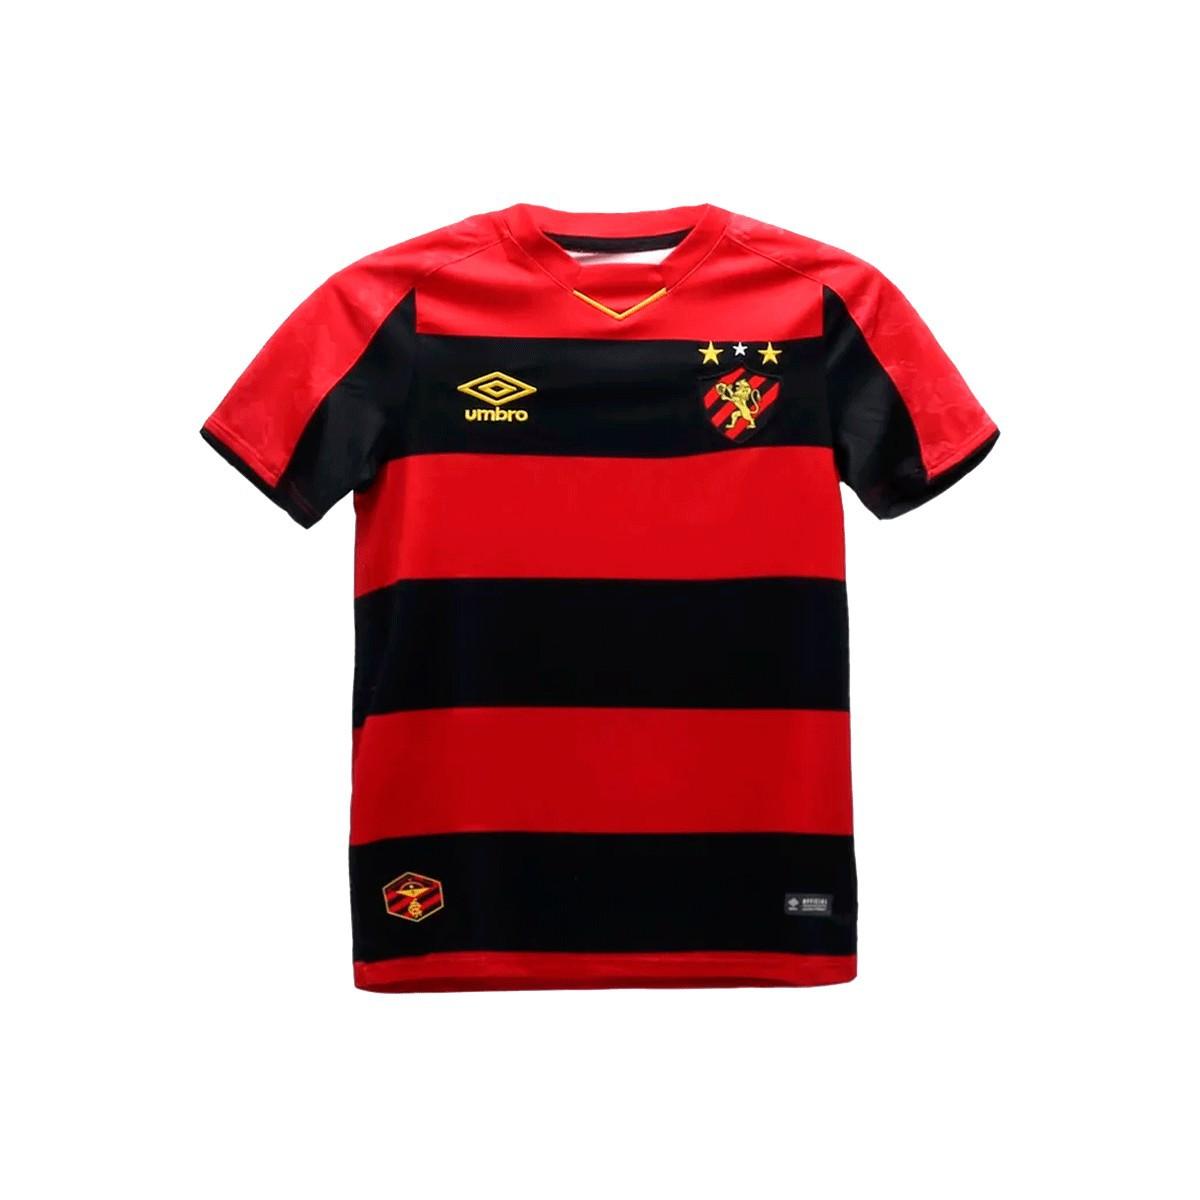 Camisa Sport Recife Umbro Home Infantil 2019